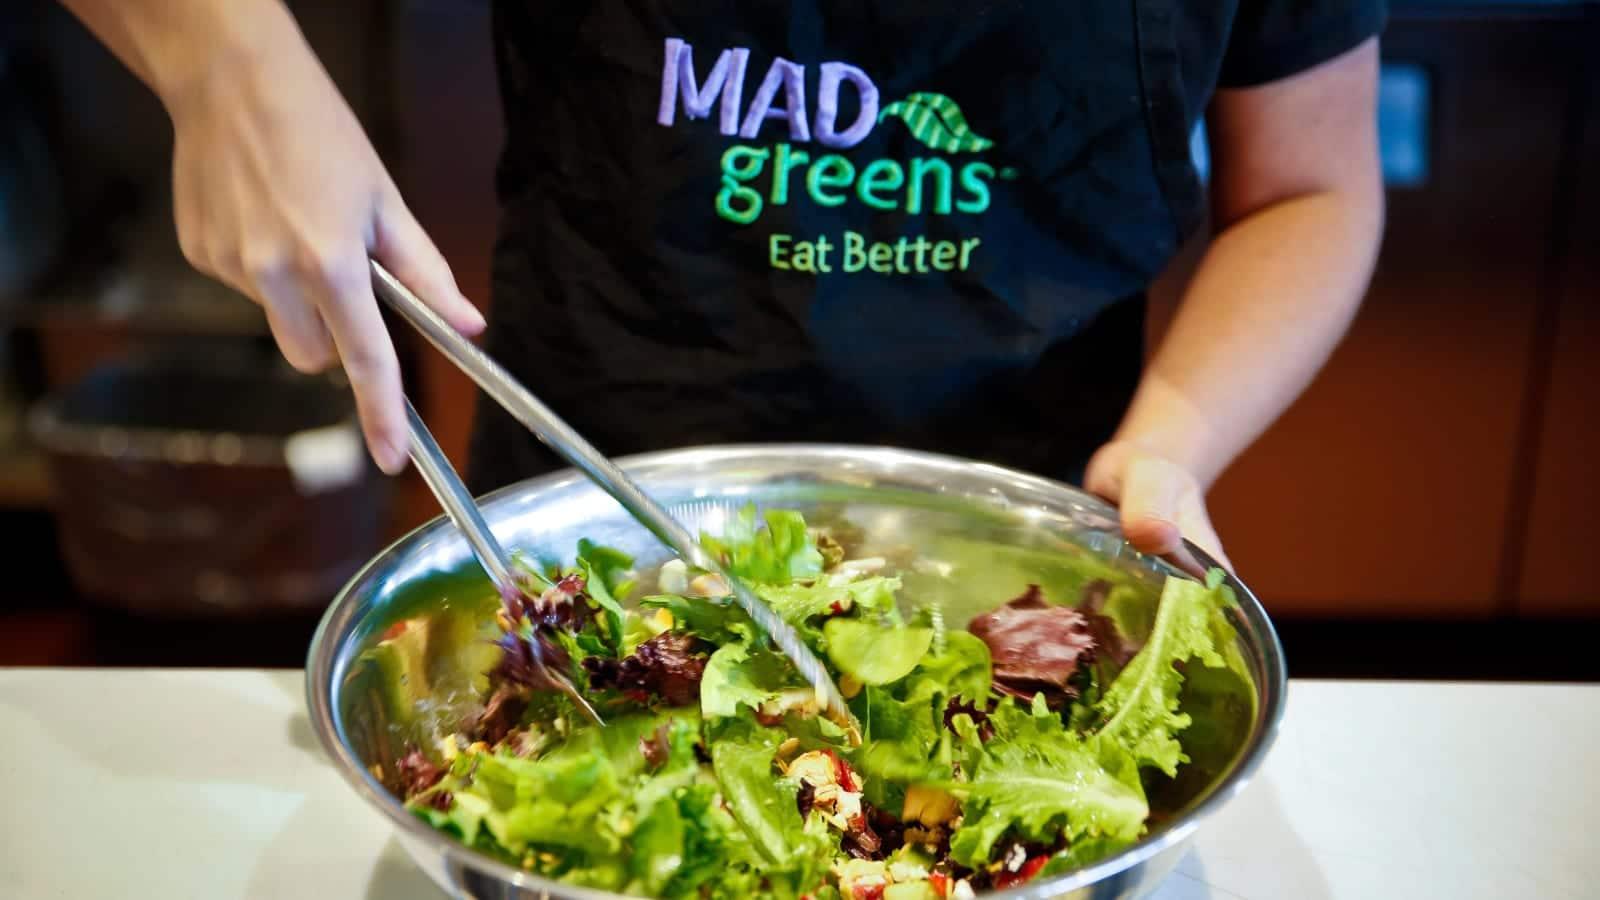 Mad Greens Salad Mixing Bowl